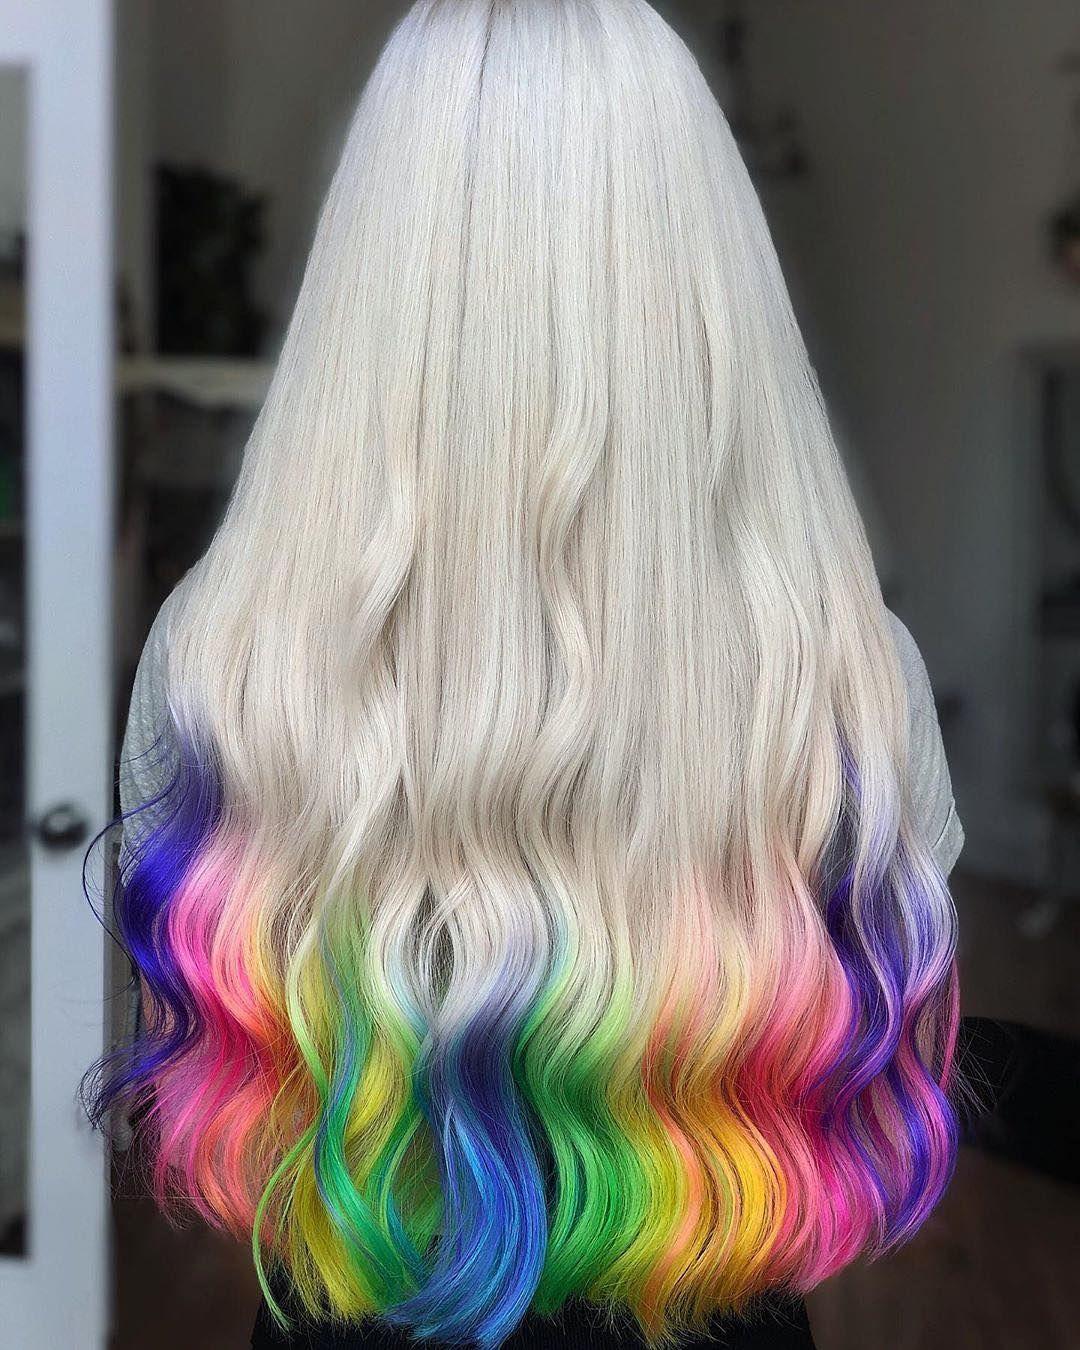 6 412 Likes 68 Comments Pravana Pravana On Instagram Rainbow D I P This Is All Her Own Hair Rainbow Hair Color Creative Hair Color Hair Highlights